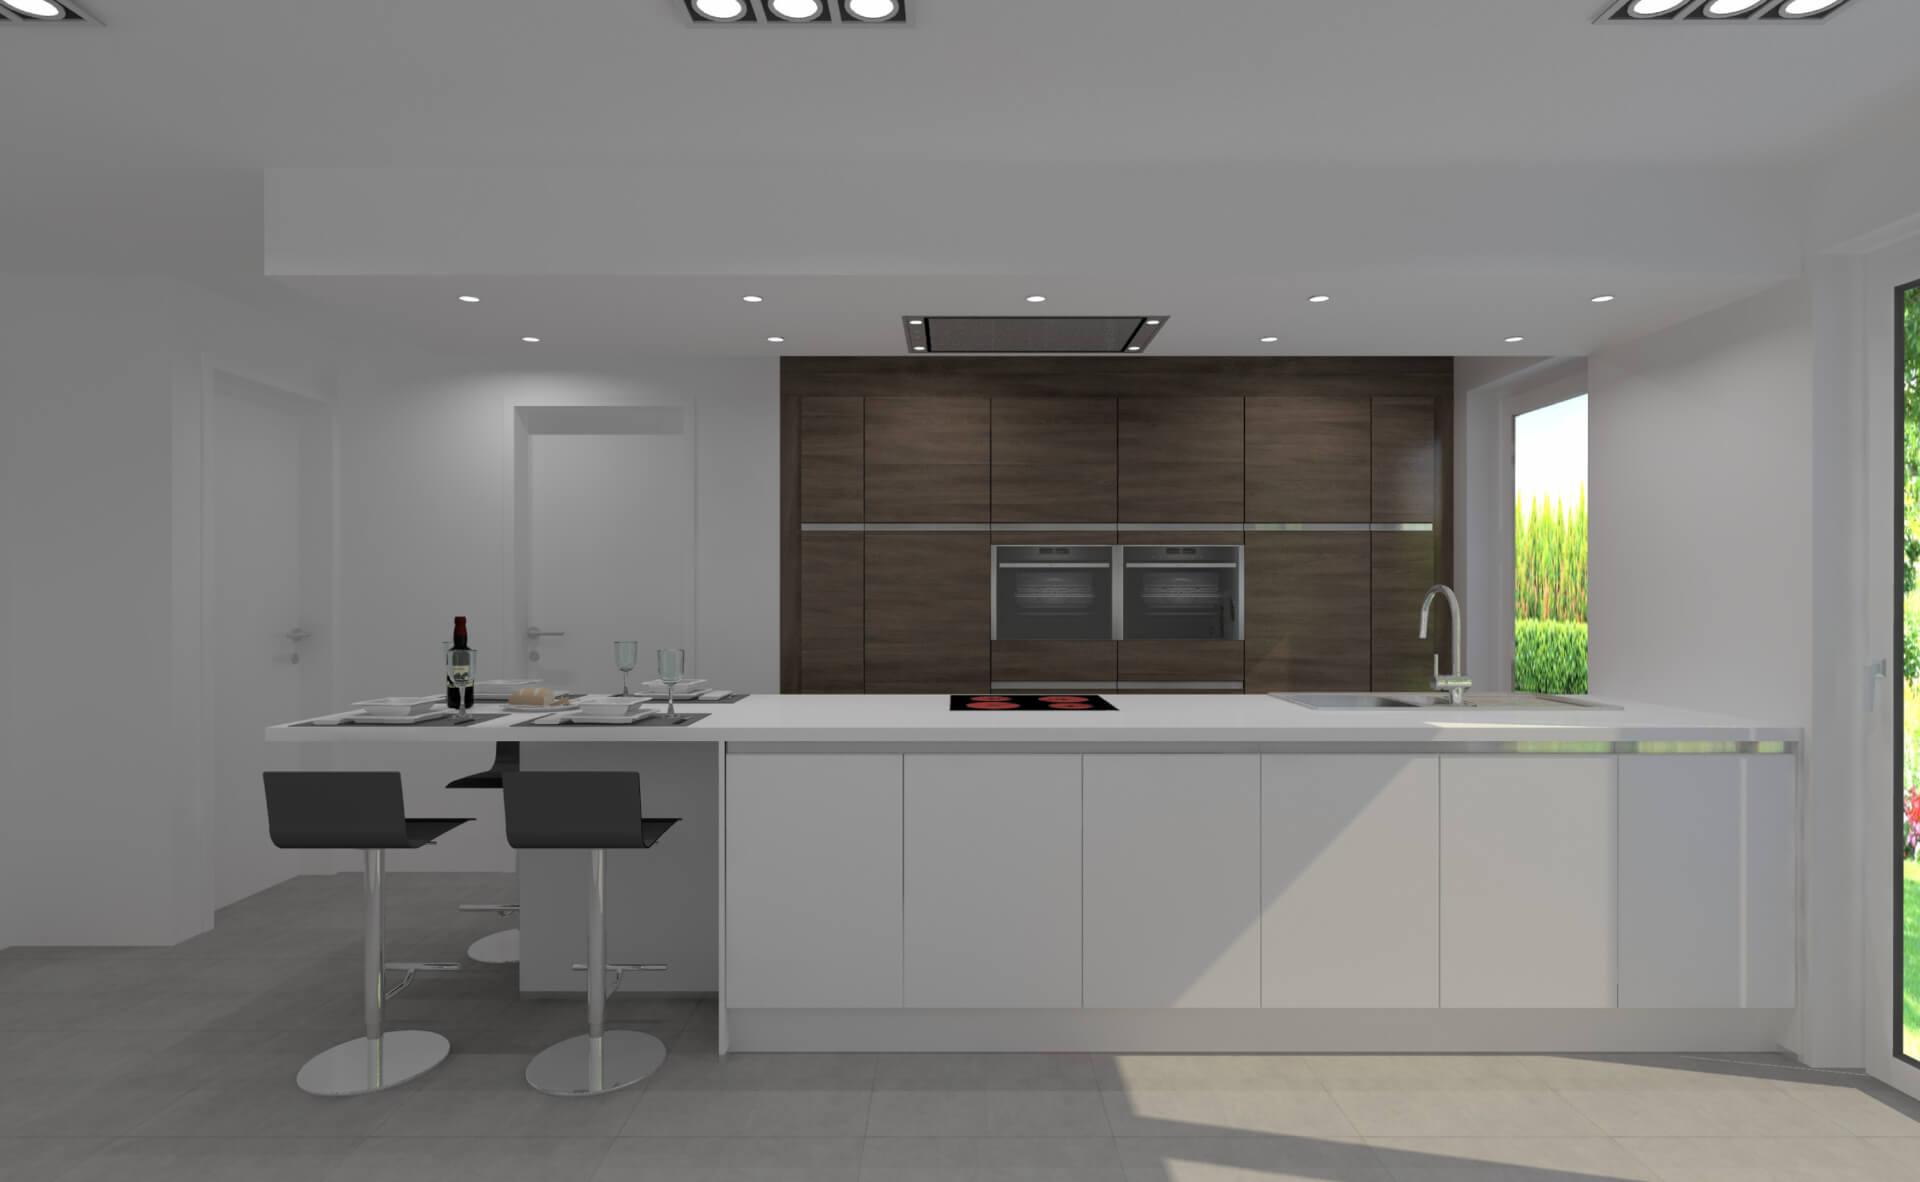 3d Keuken Ontwerpen : Keukens ontwerpen full size of modern interieur keukens